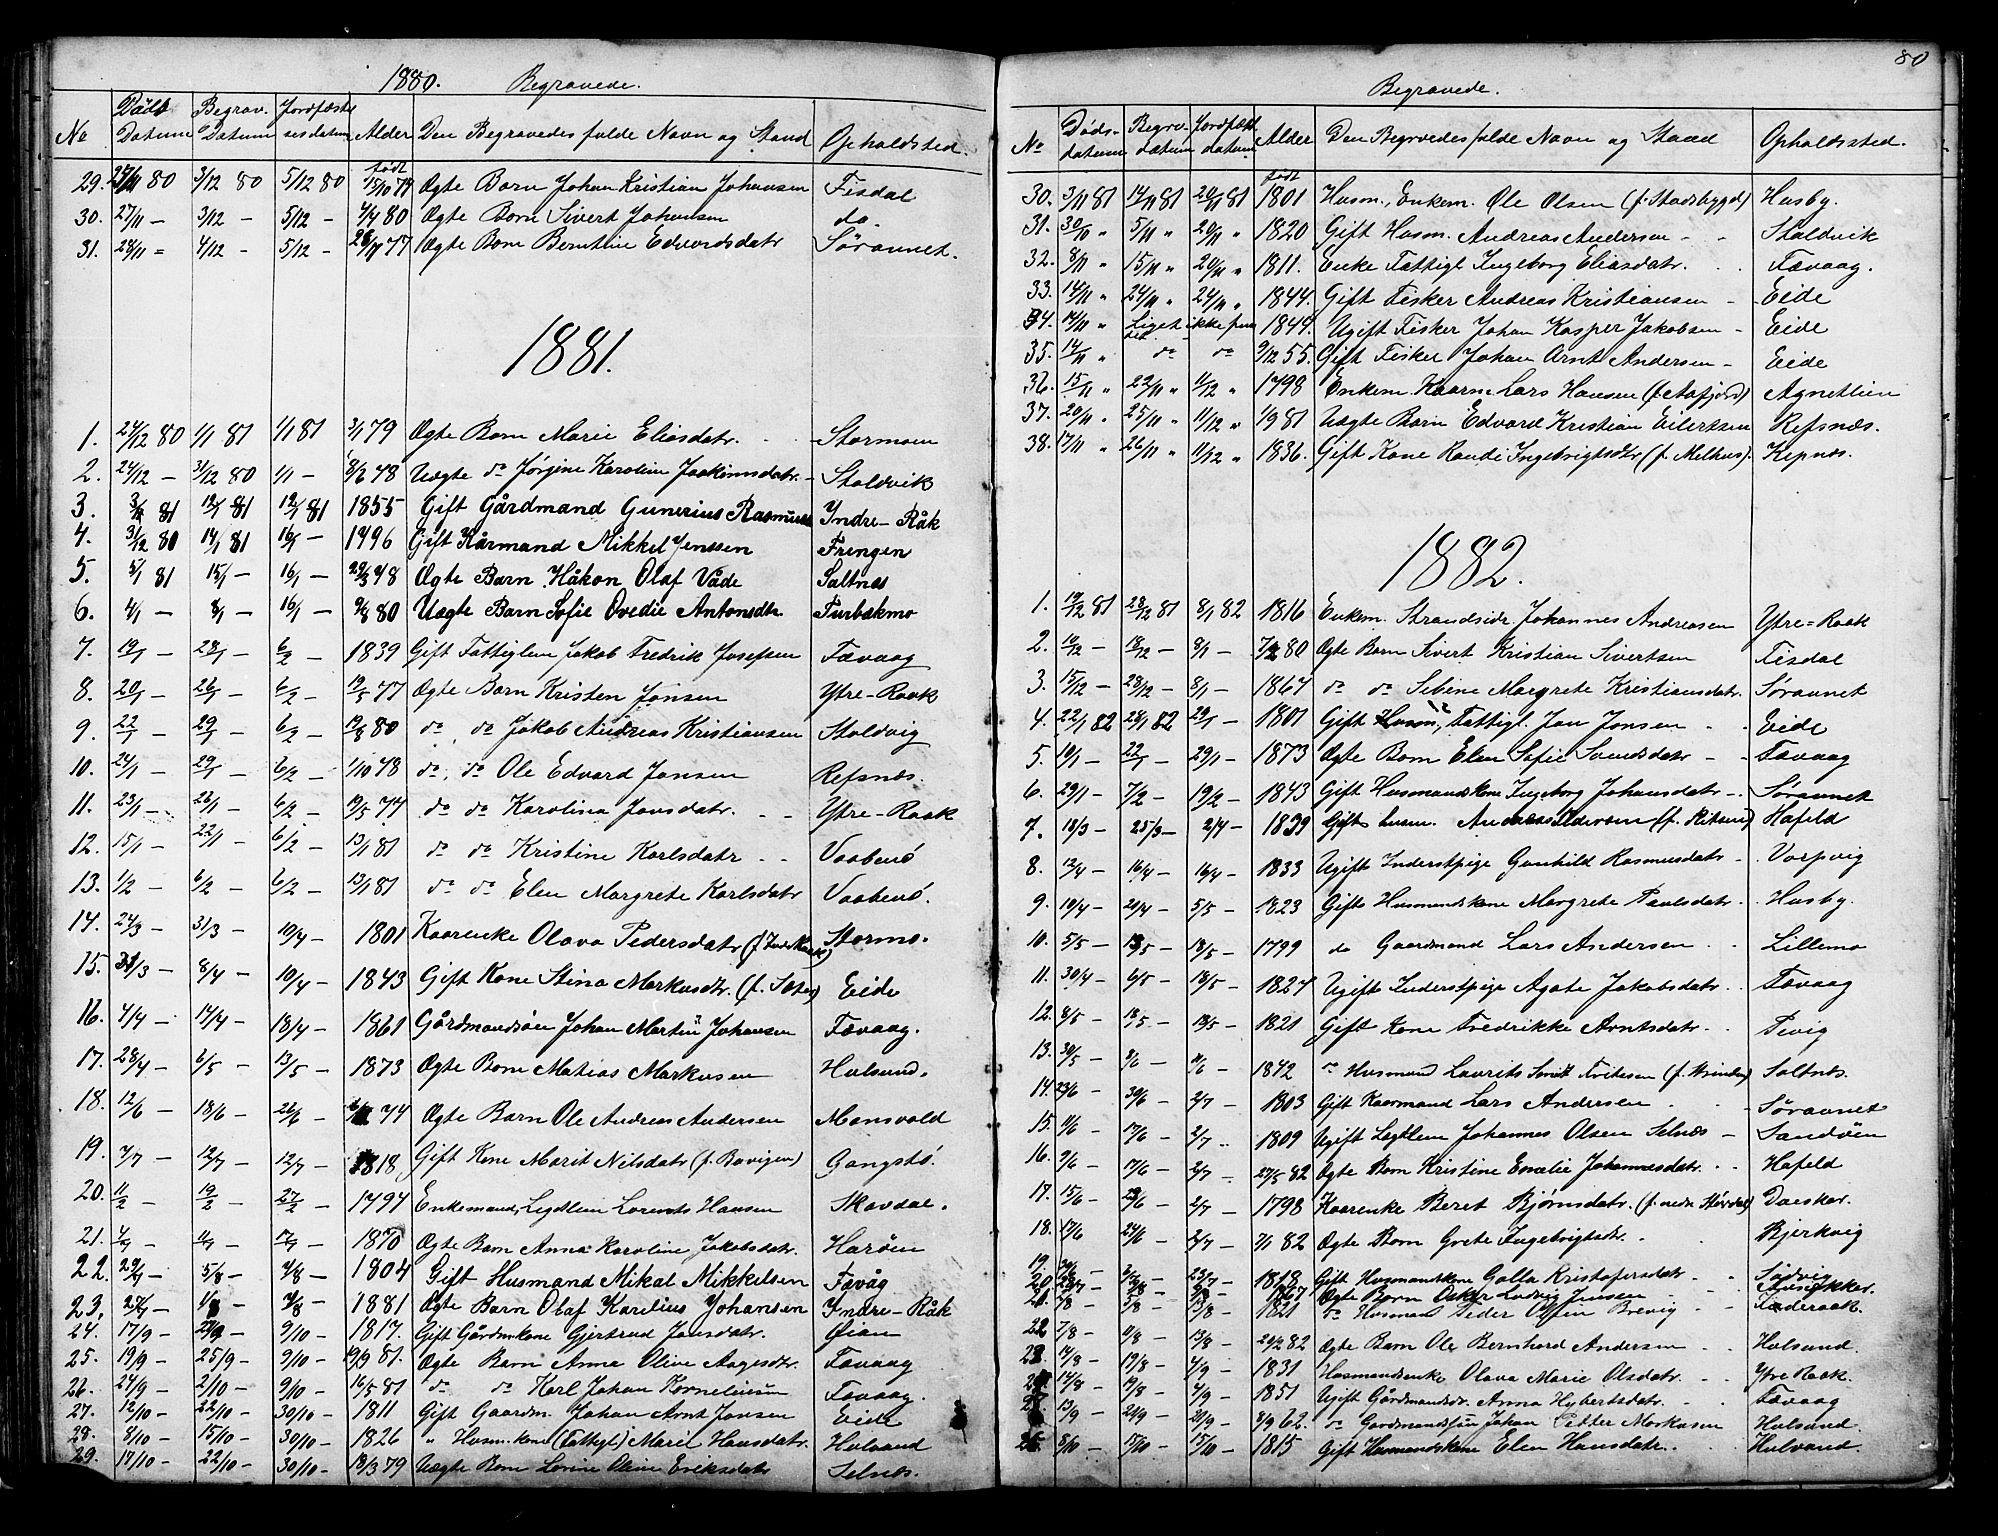 SAT, Ministerialprotokoller, klokkerbøker og fødselsregistre - Sør-Trøndelag, 653/L0657: Klokkerbok nr. 653C01, 1866-1893, s. 80